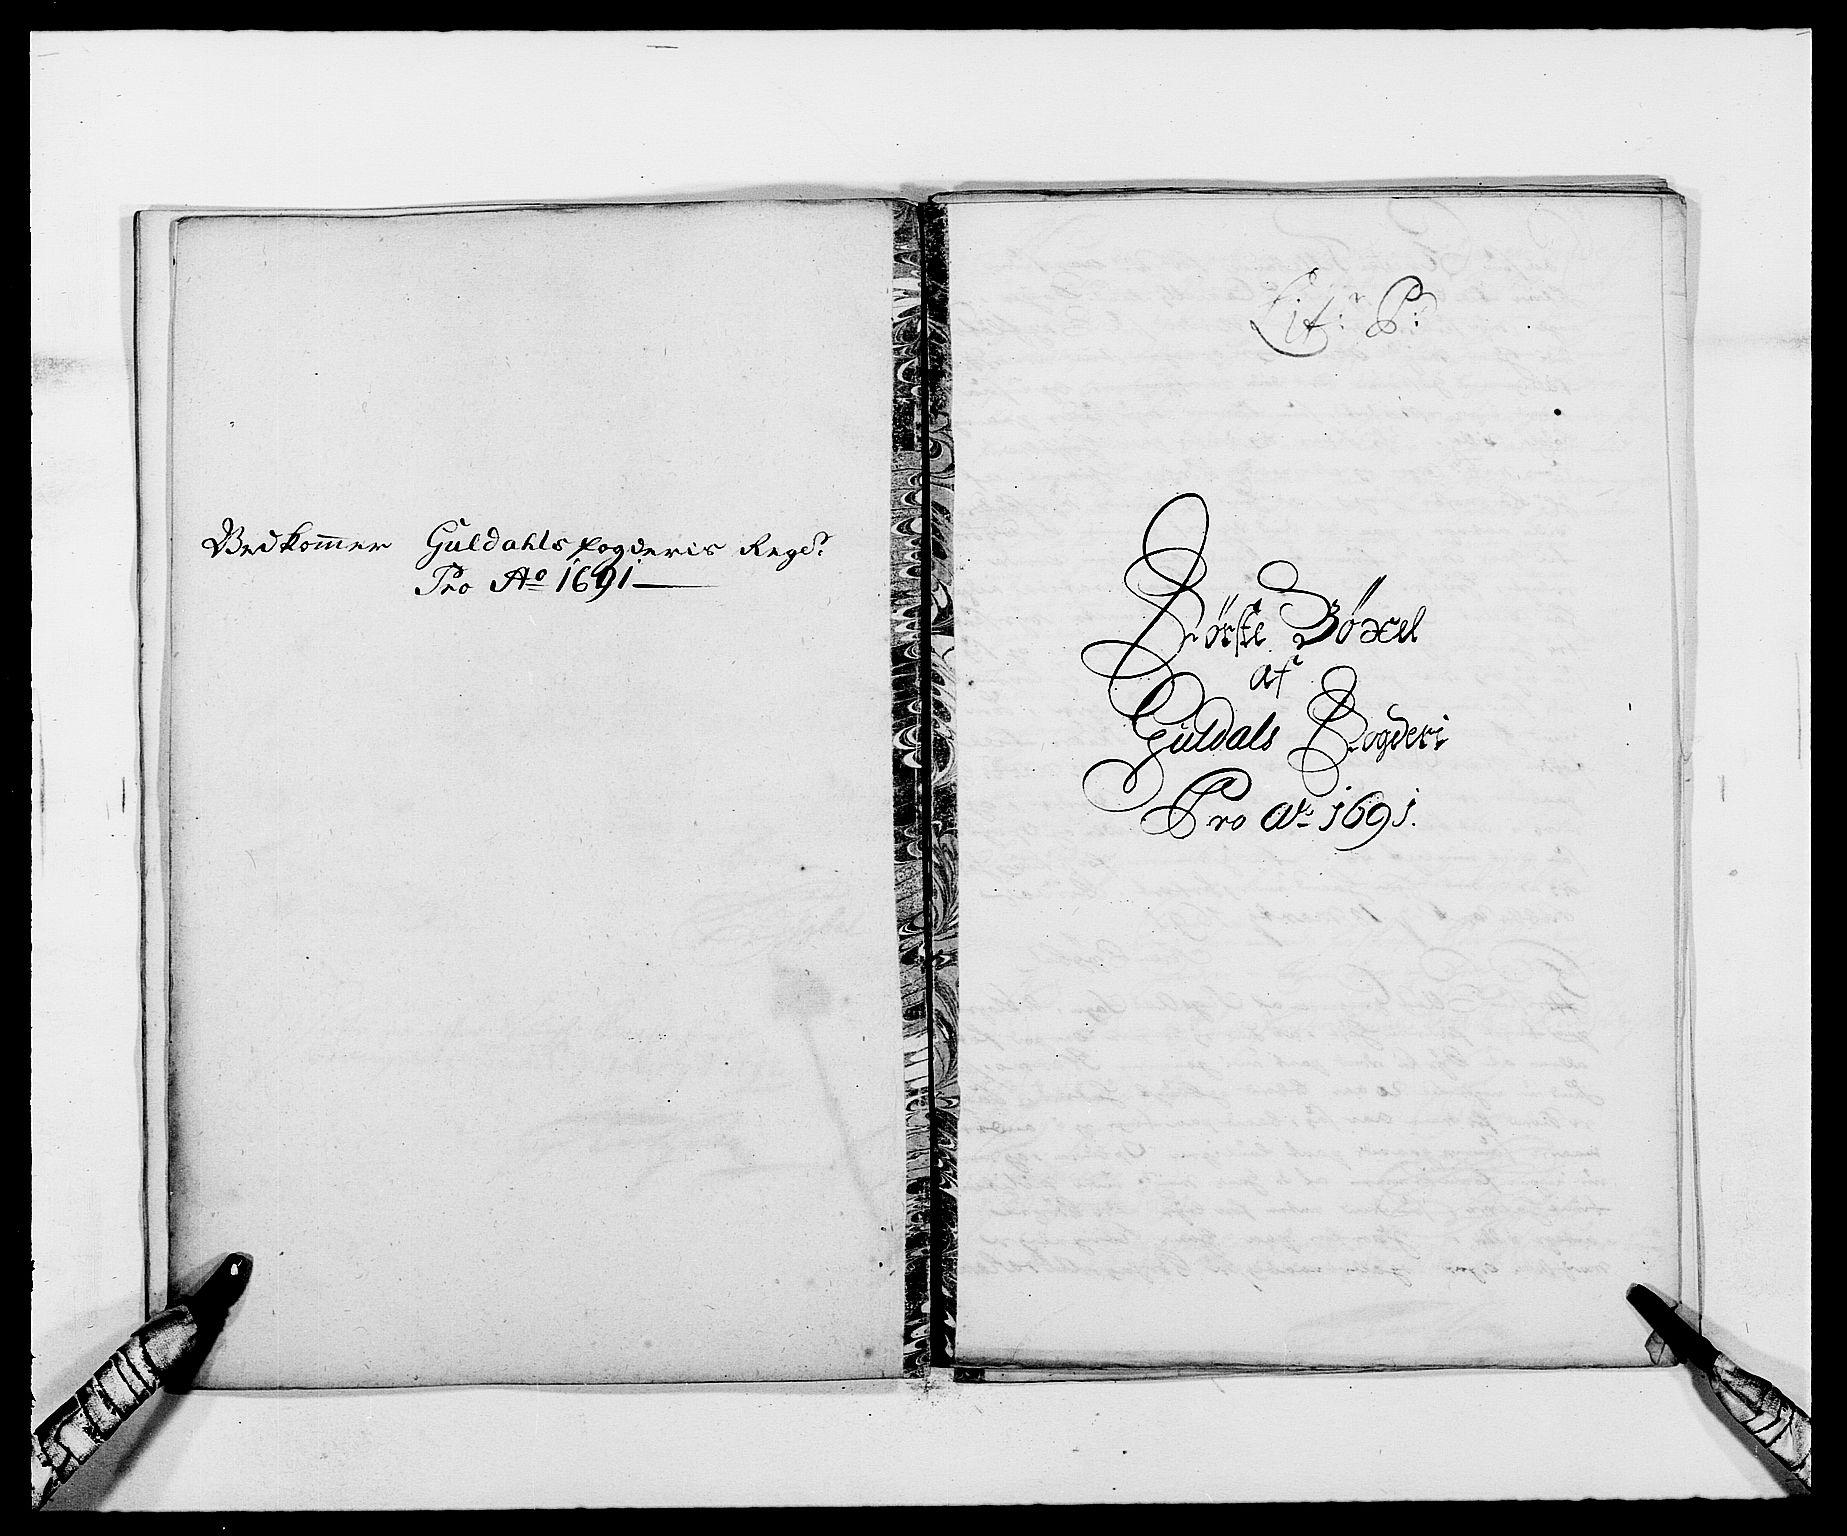 RA, Rentekammeret inntil 1814, Reviderte regnskaper, Fogderegnskap, R59/L3941: Fogderegnskap Gauldal, 1691, s. 147